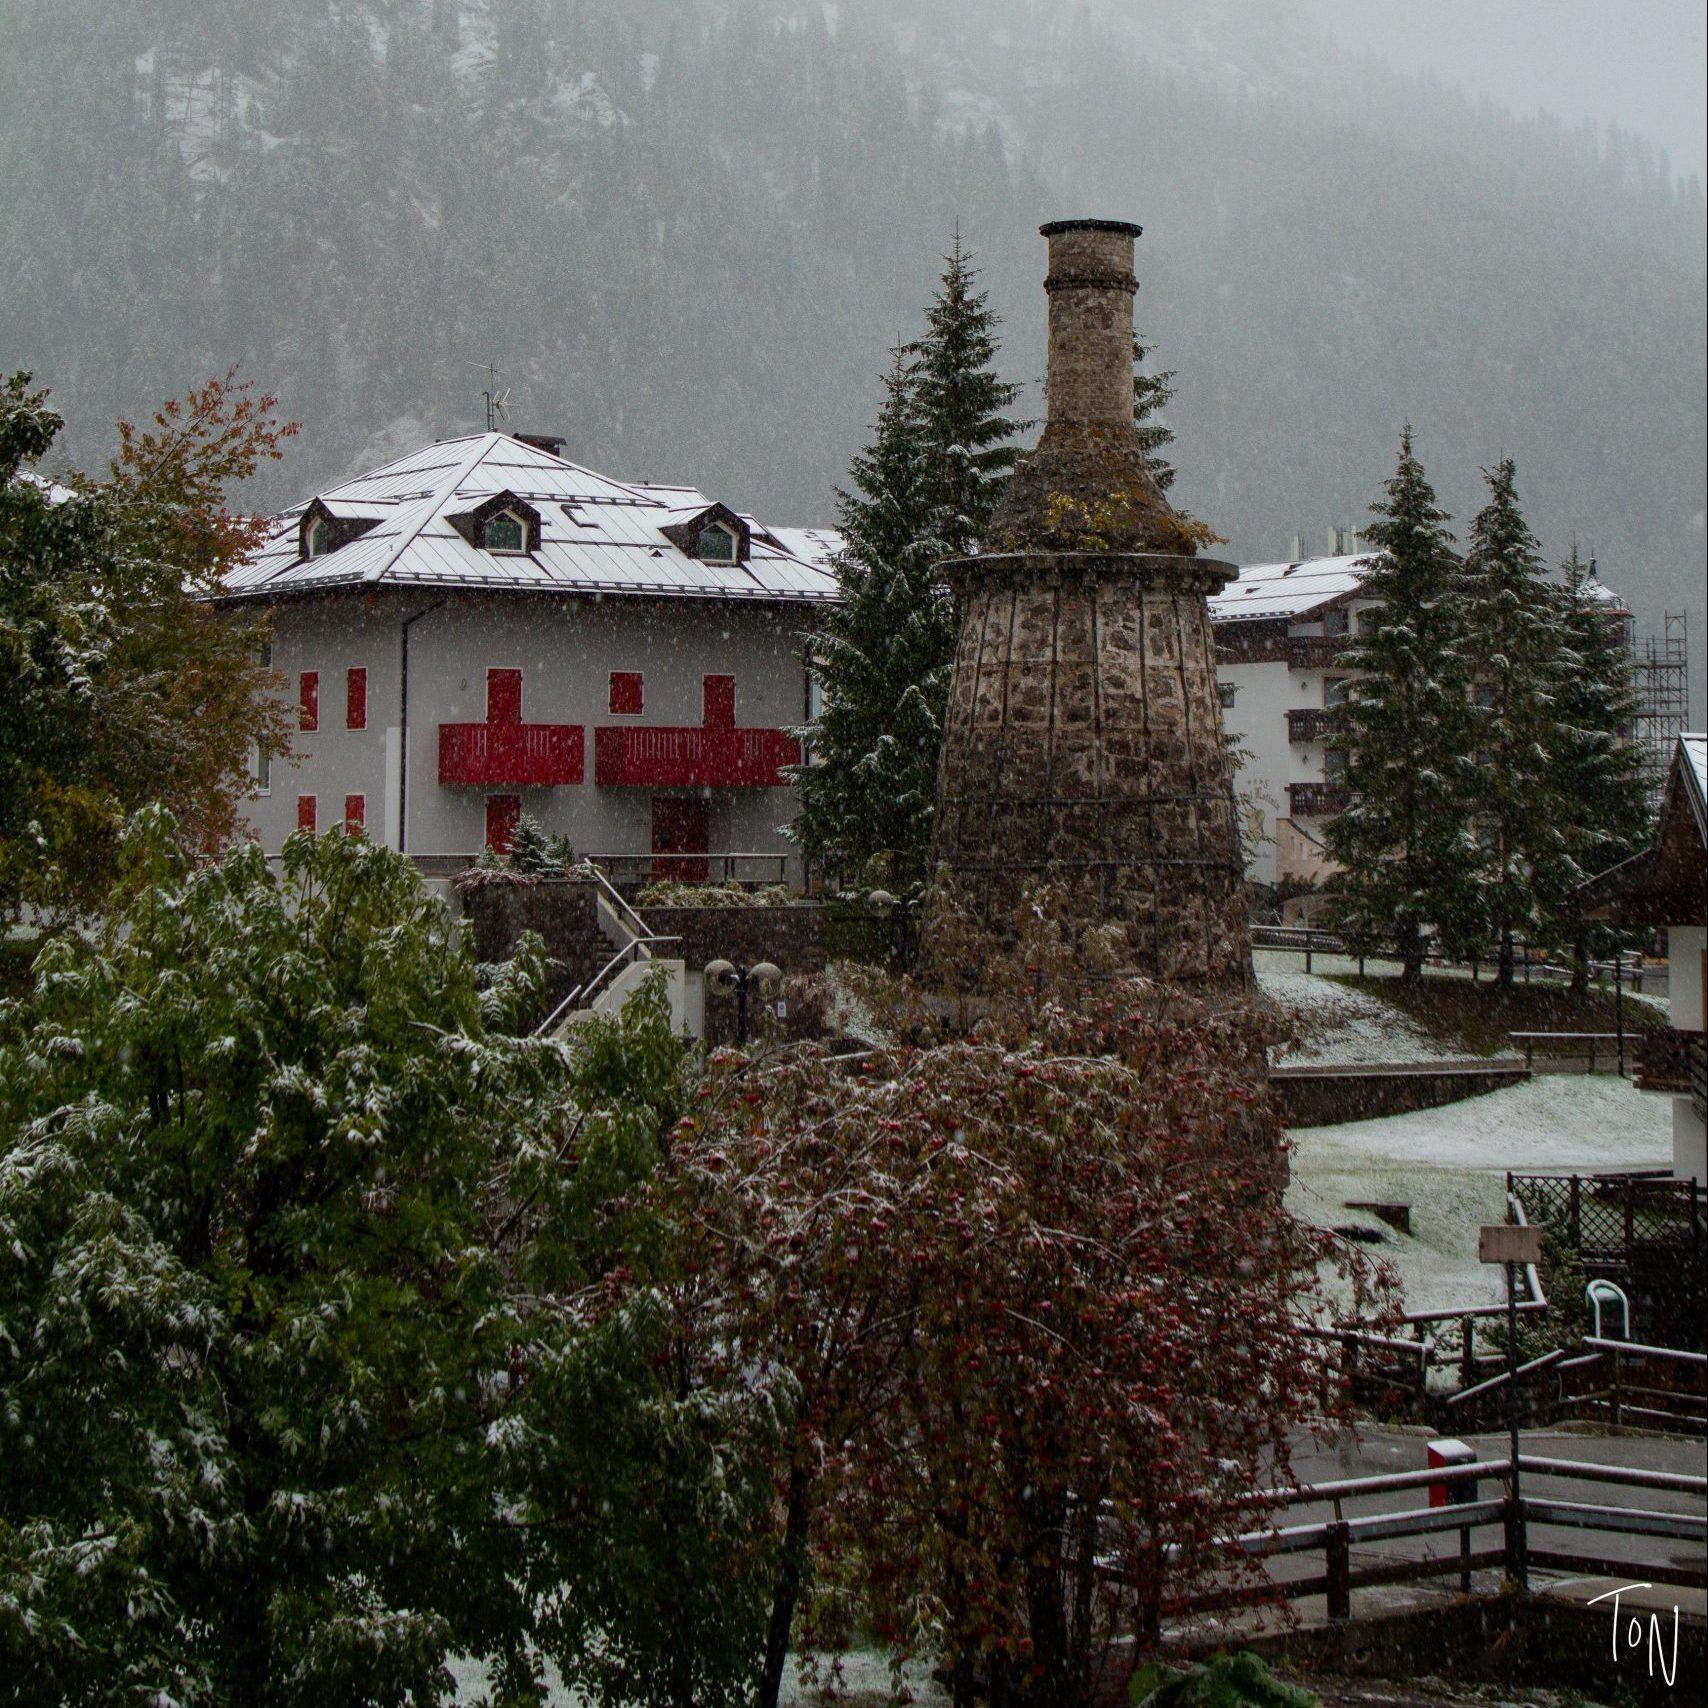 Dolomites: San Martino di Castrozza